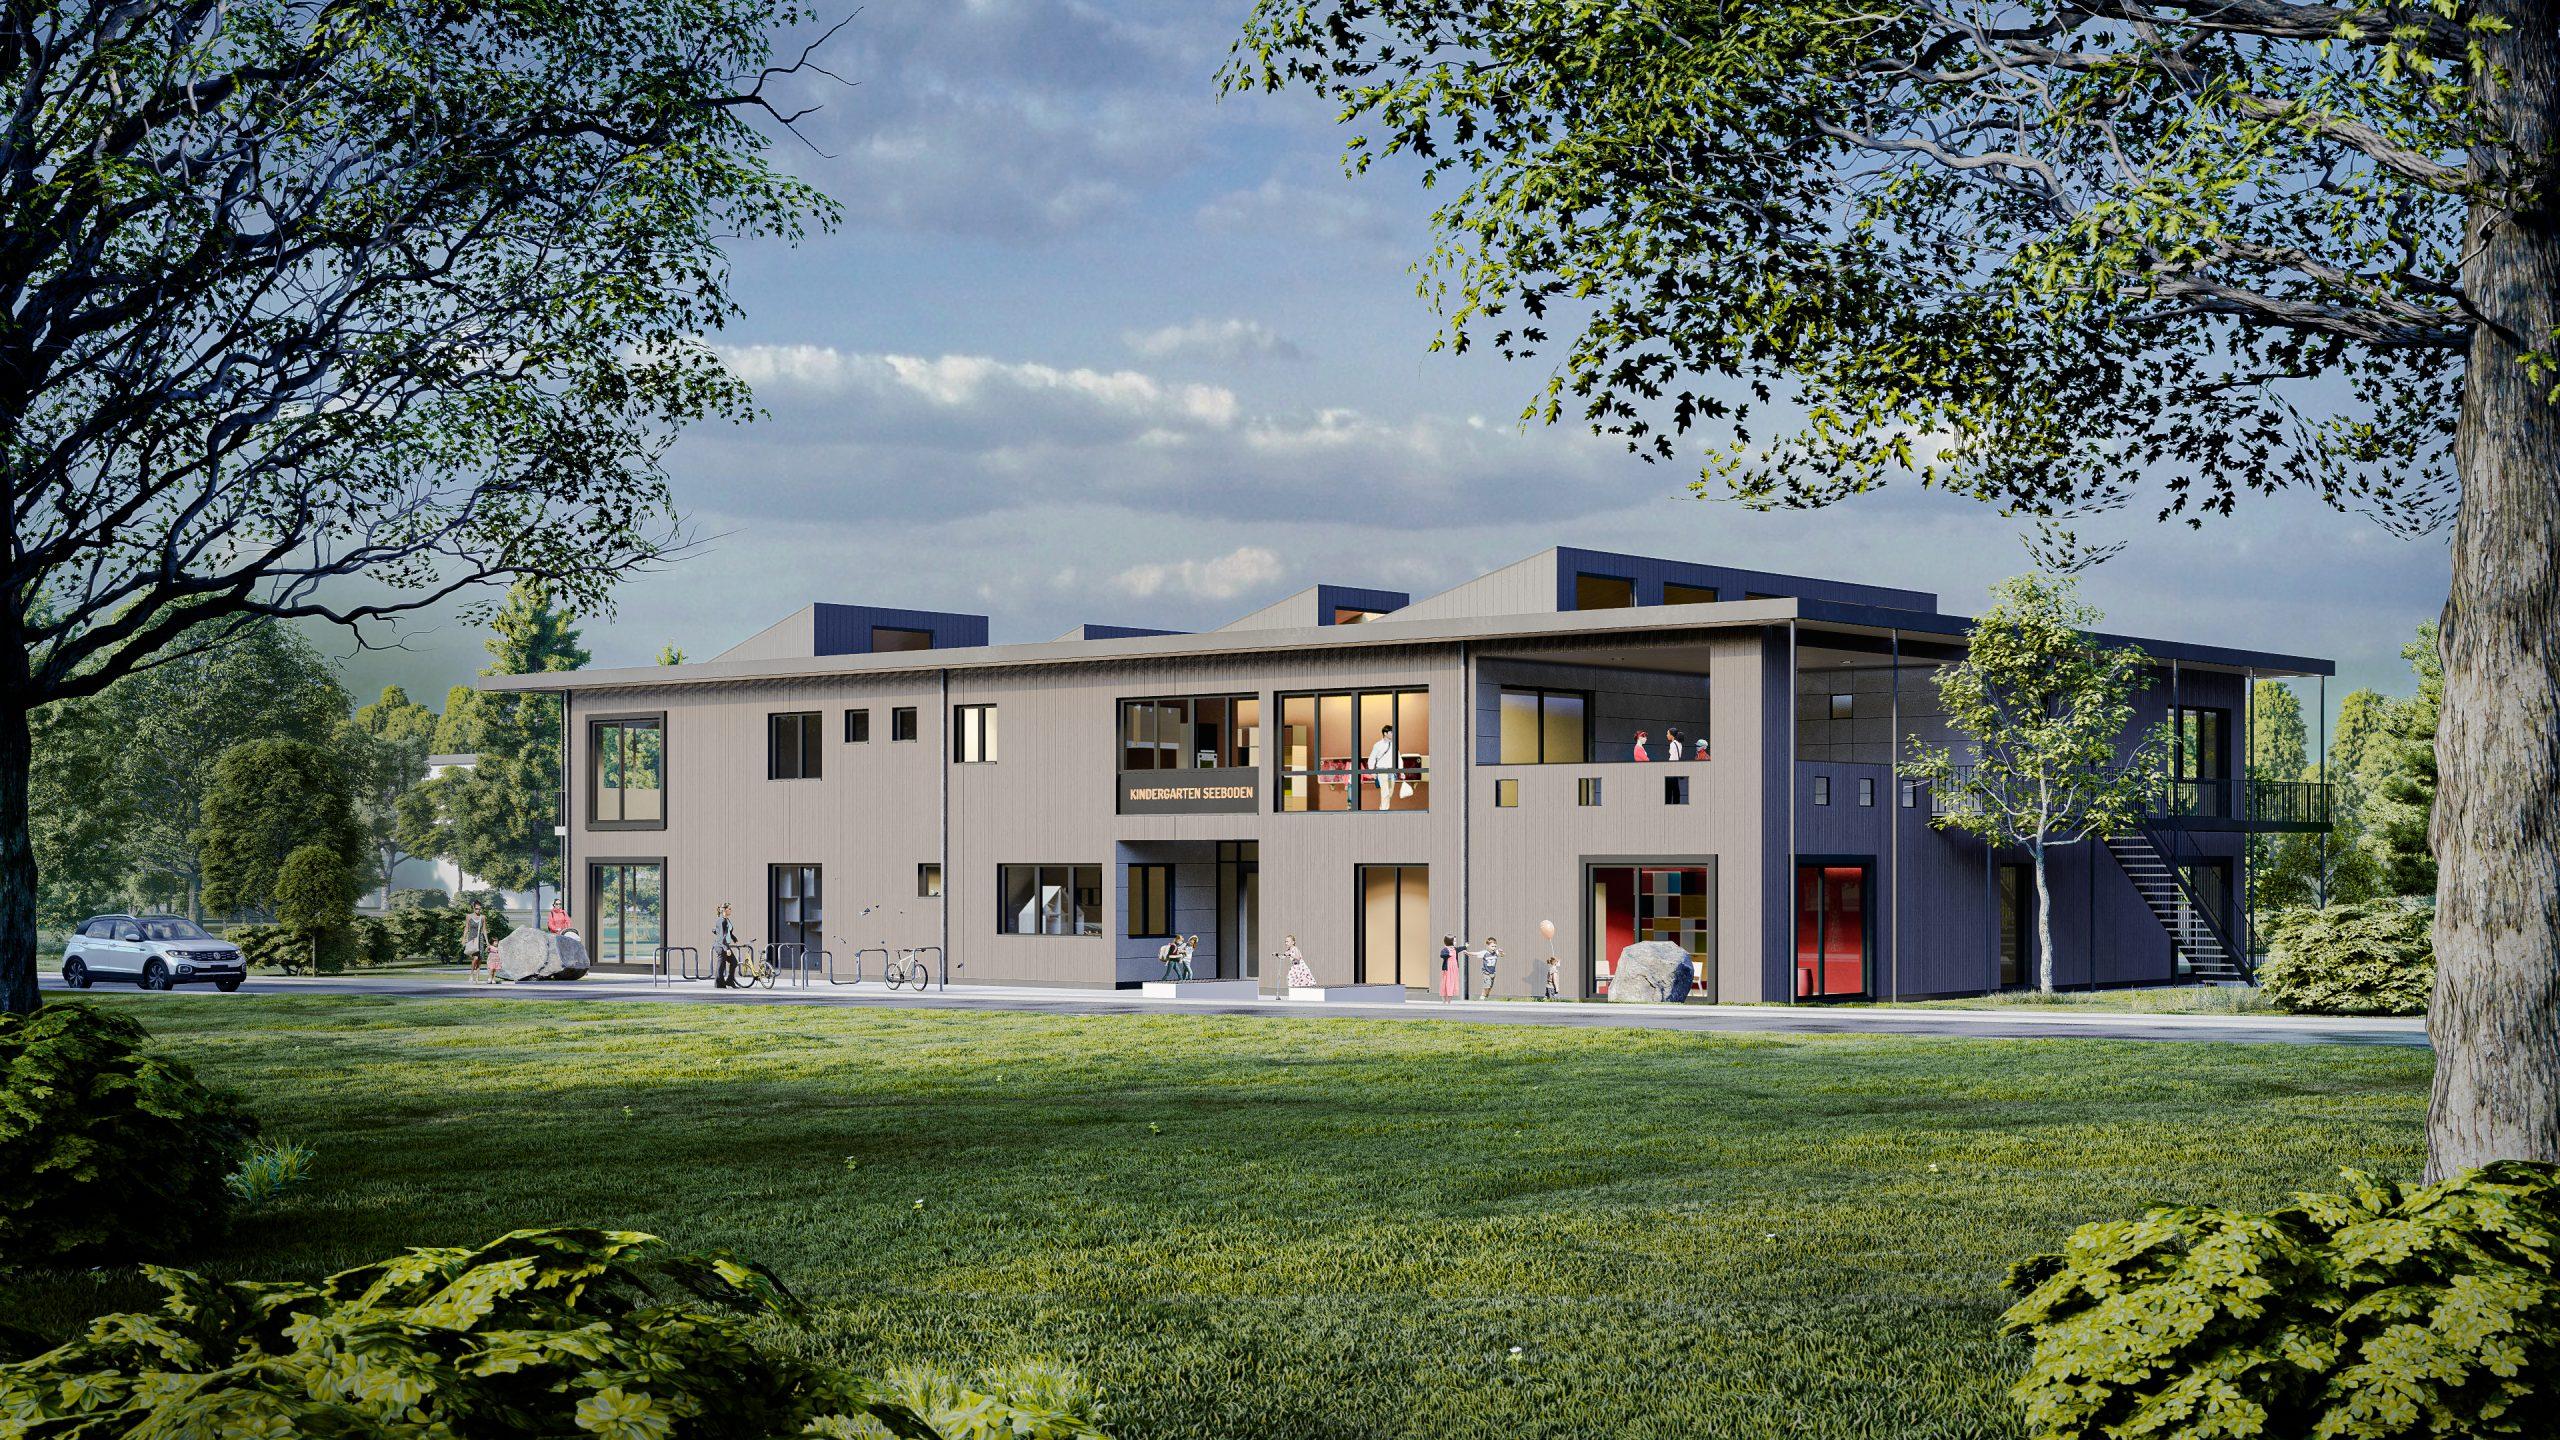 Architektur Visualisierung - Neubau des Kindergartens Seeboden nach Brand